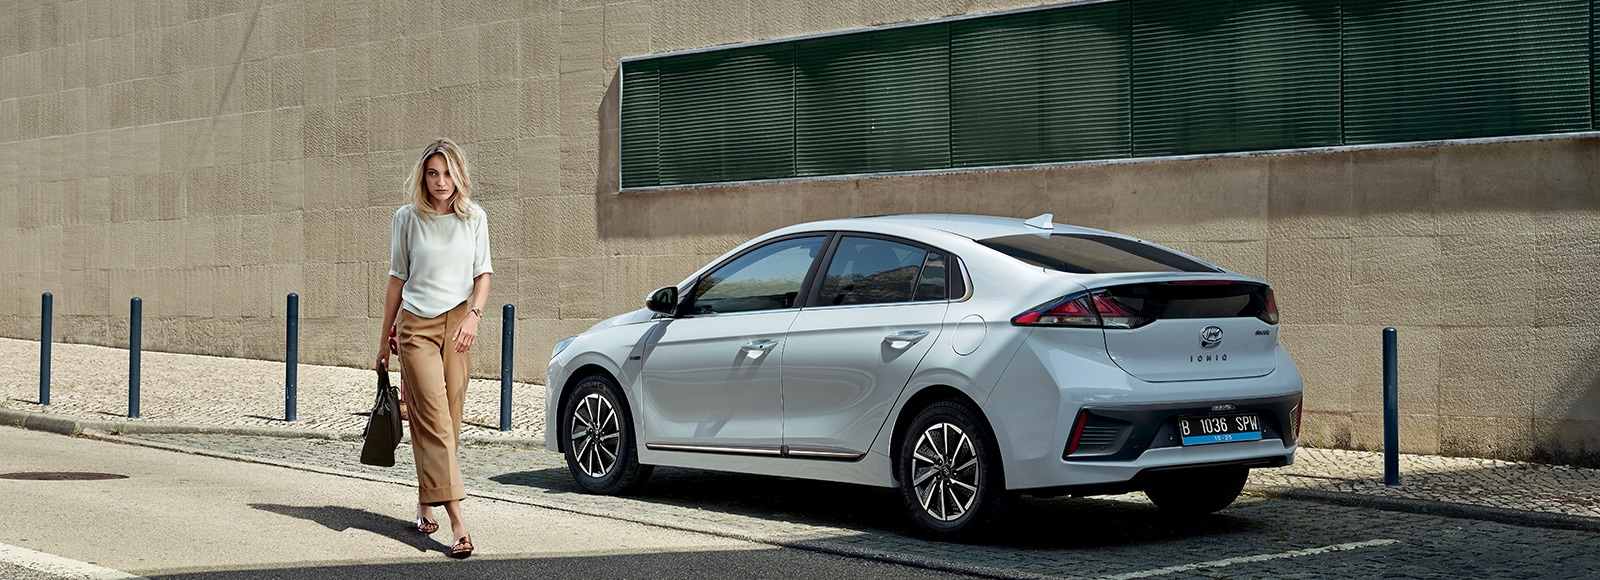 IONIQ electric rear side view